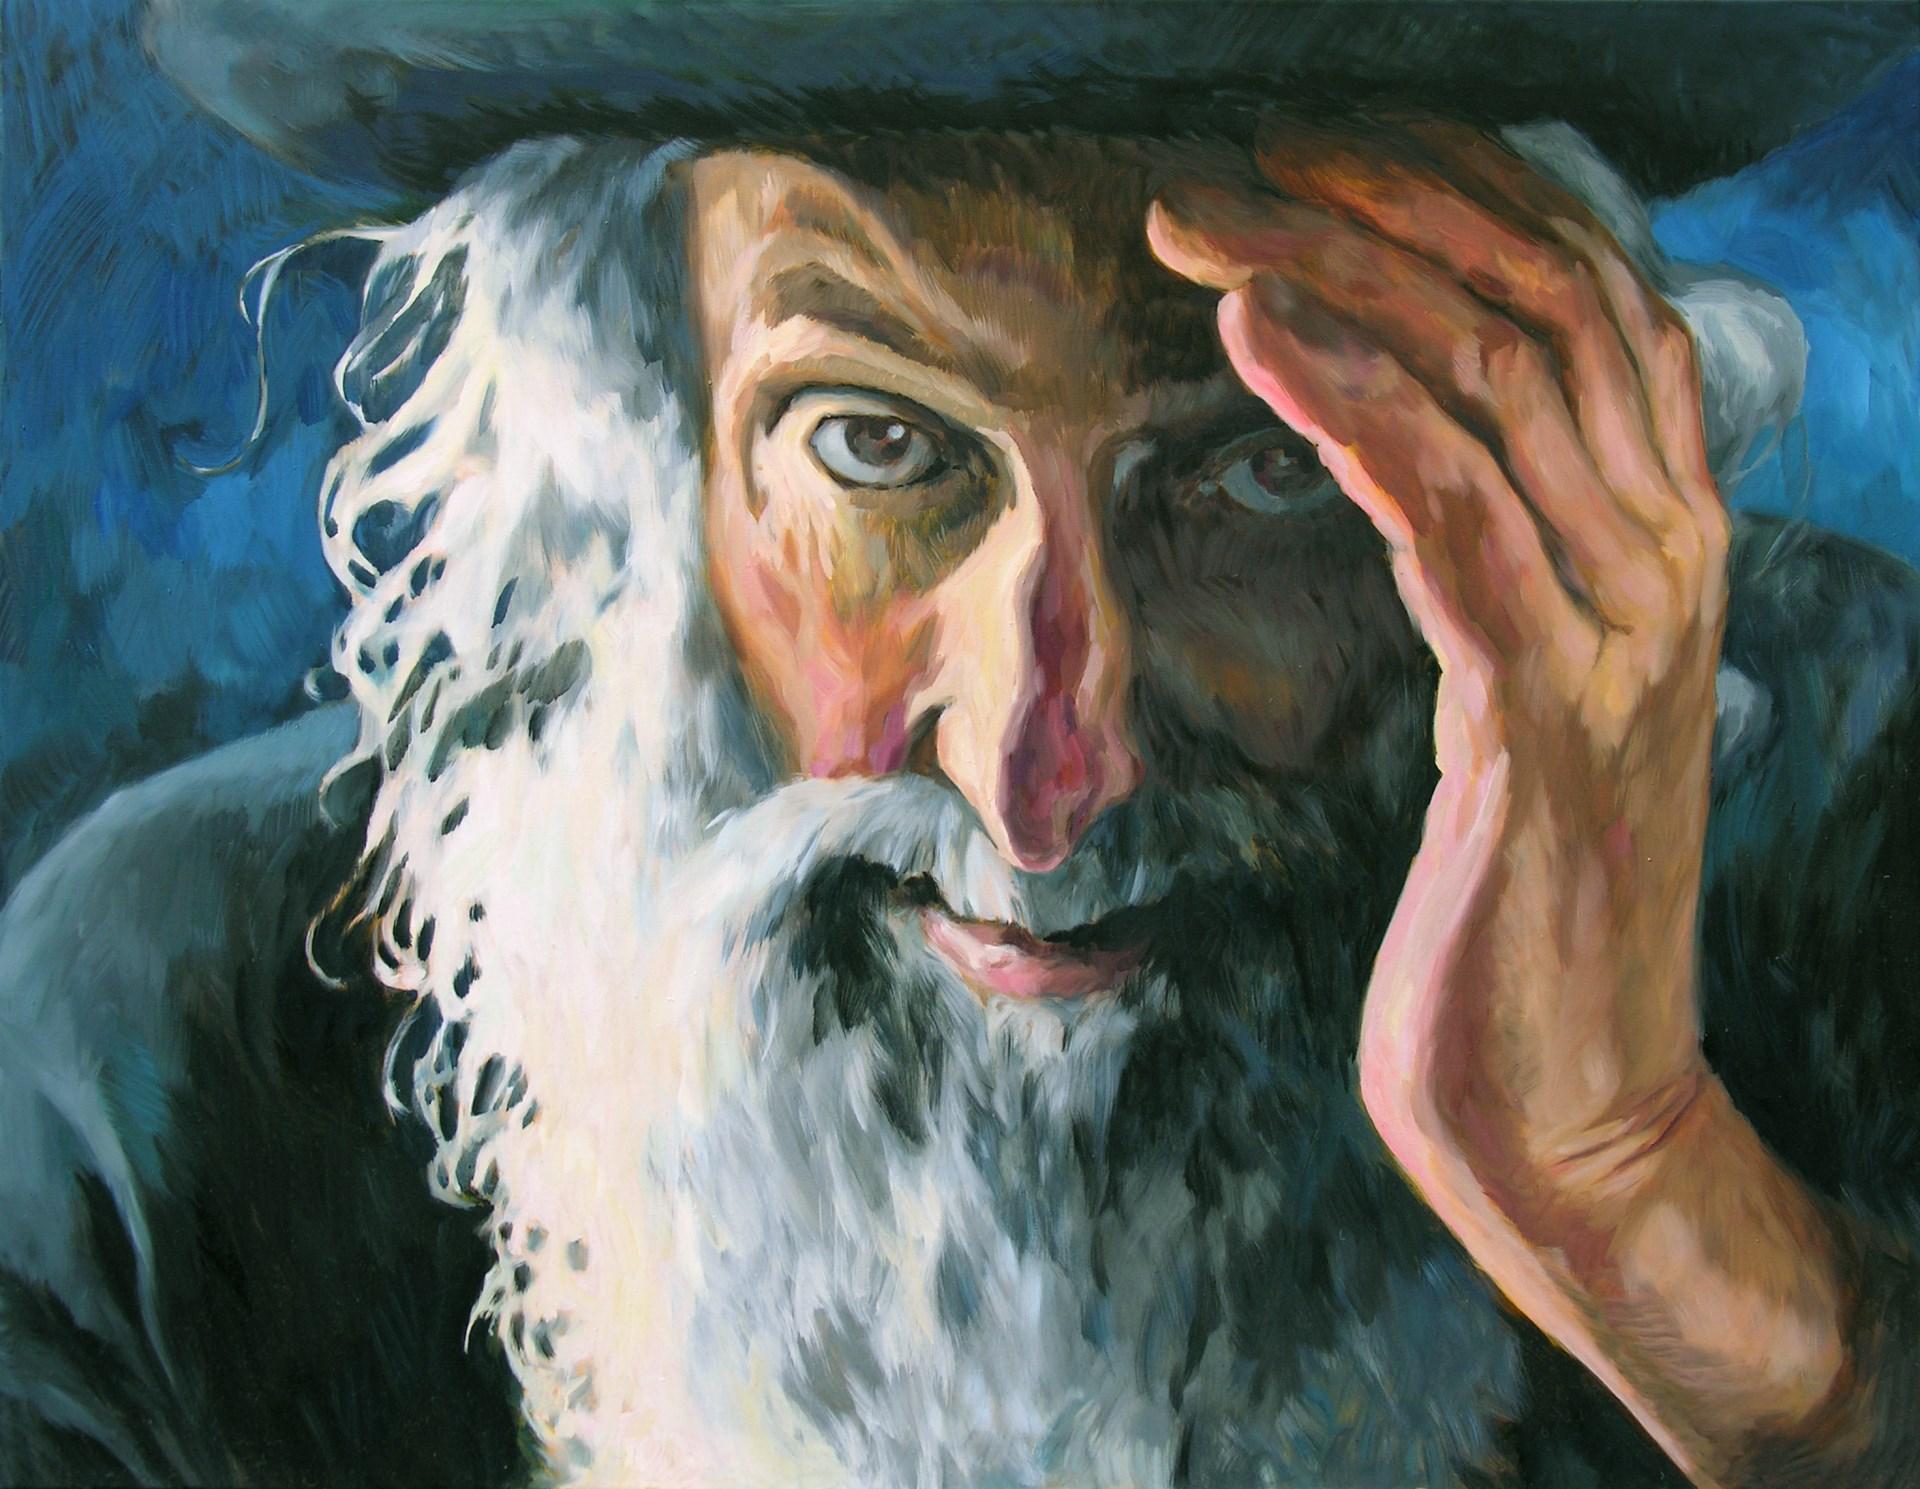 Gemälde von Julia Belot: Alter Mann, Öl auf Leinwand, 100 cm x 130 cm, 2010